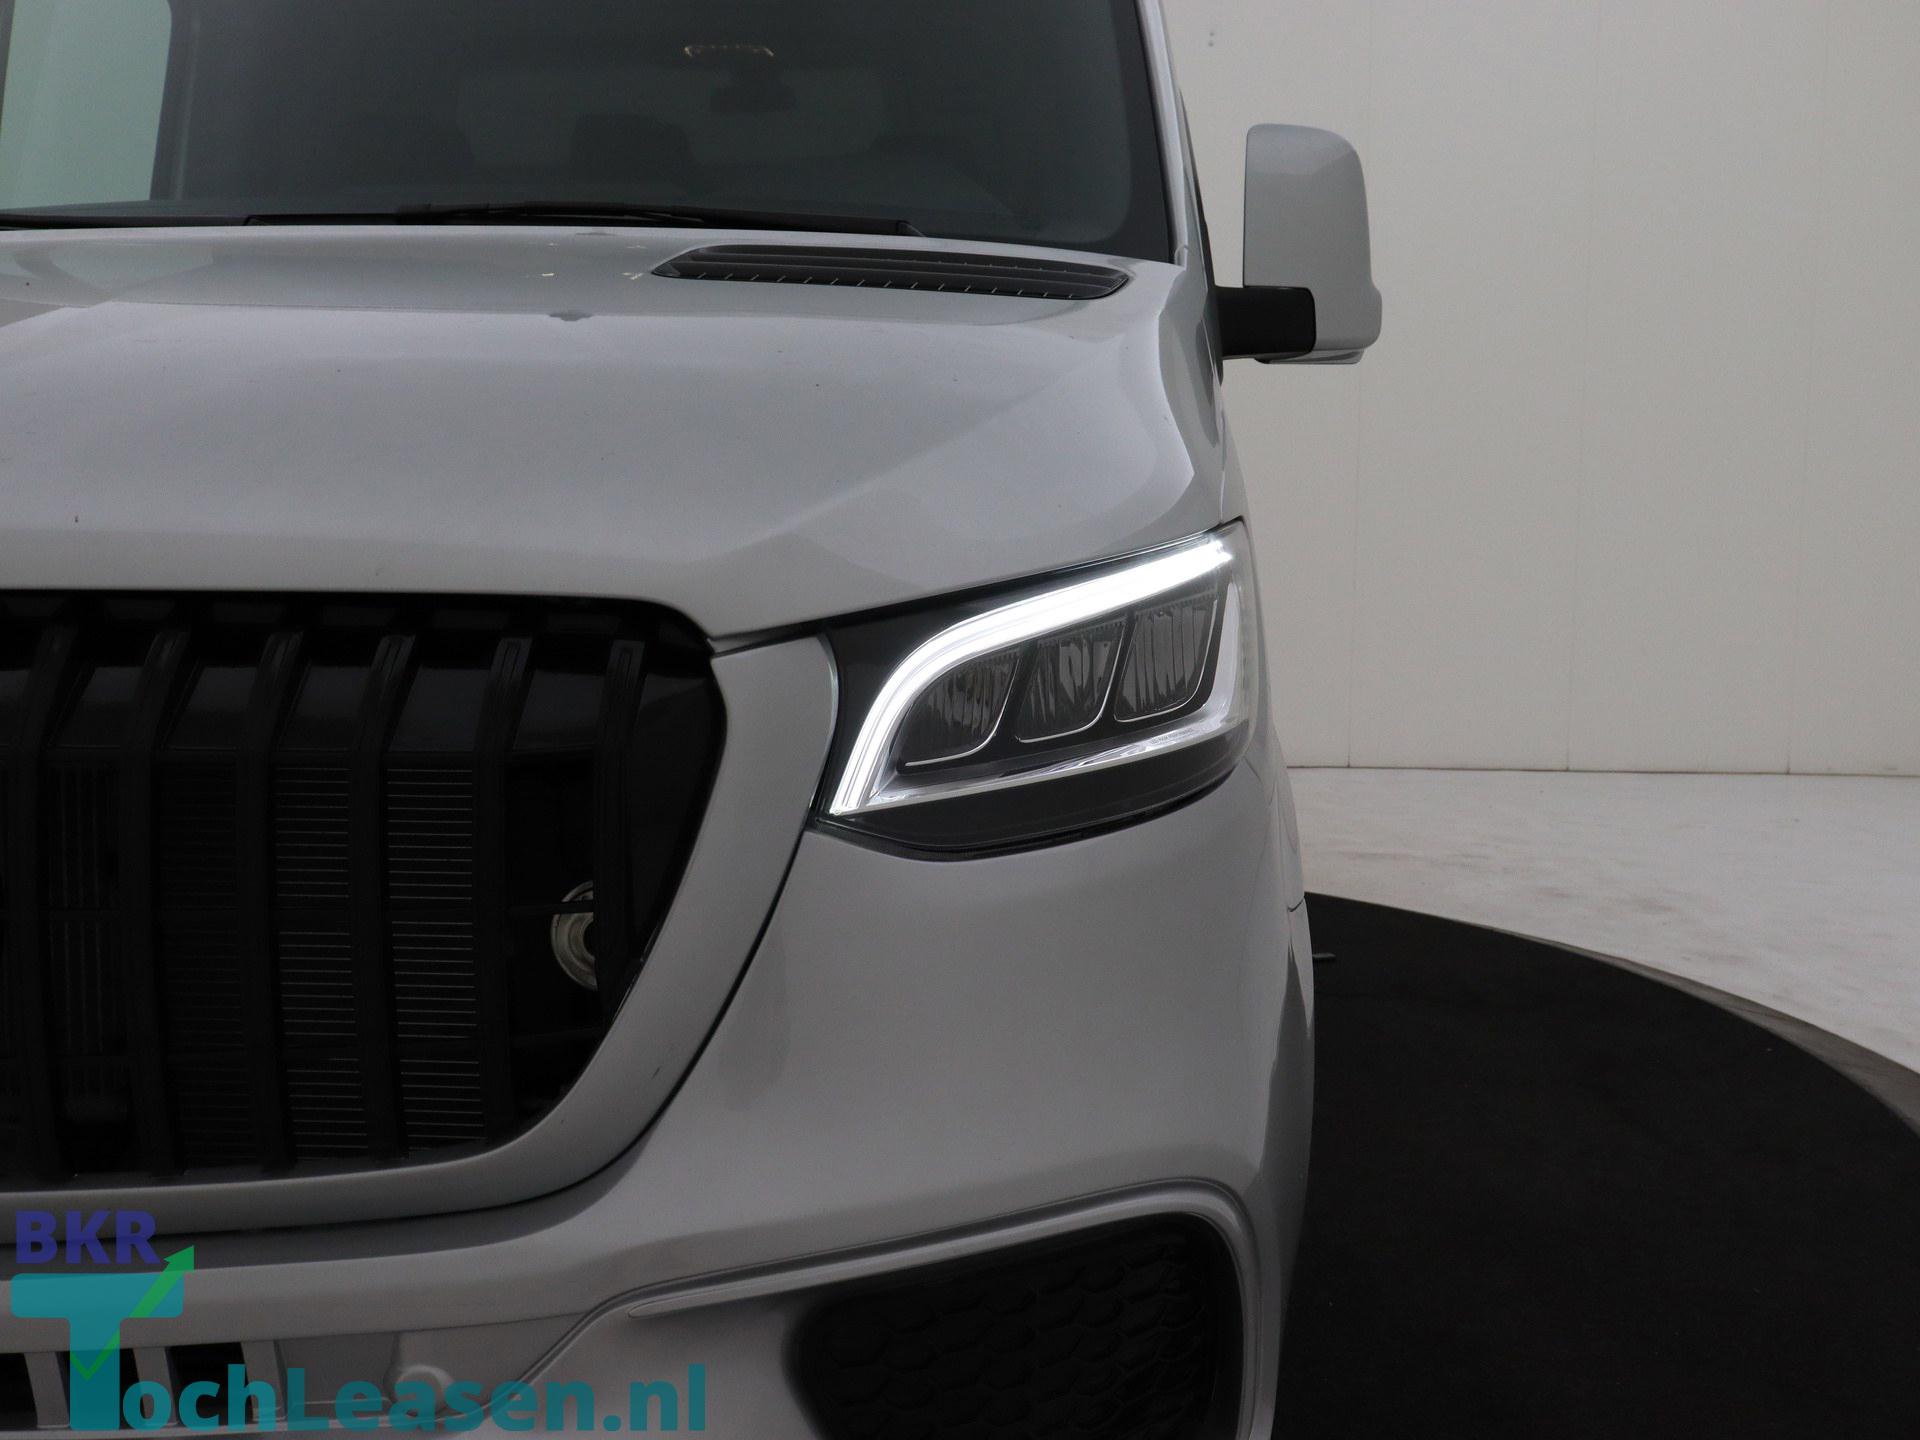 BKR toch leasen - Mercedes-Benz Sprinter - Zilver 1